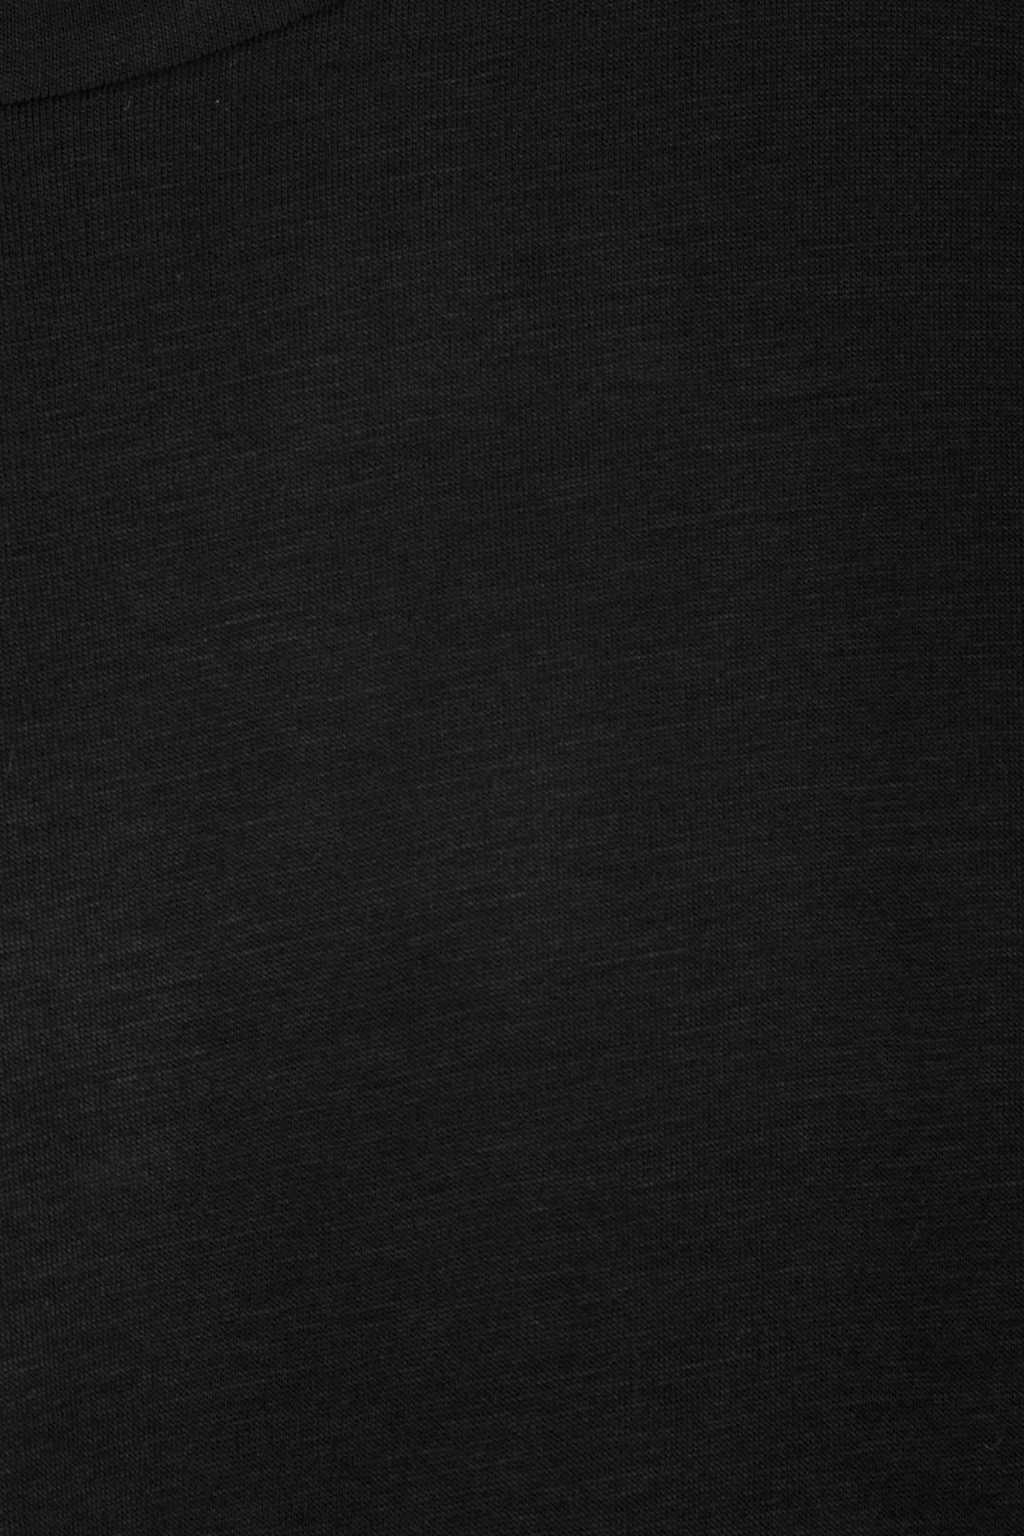 TShirt H202 Black 6